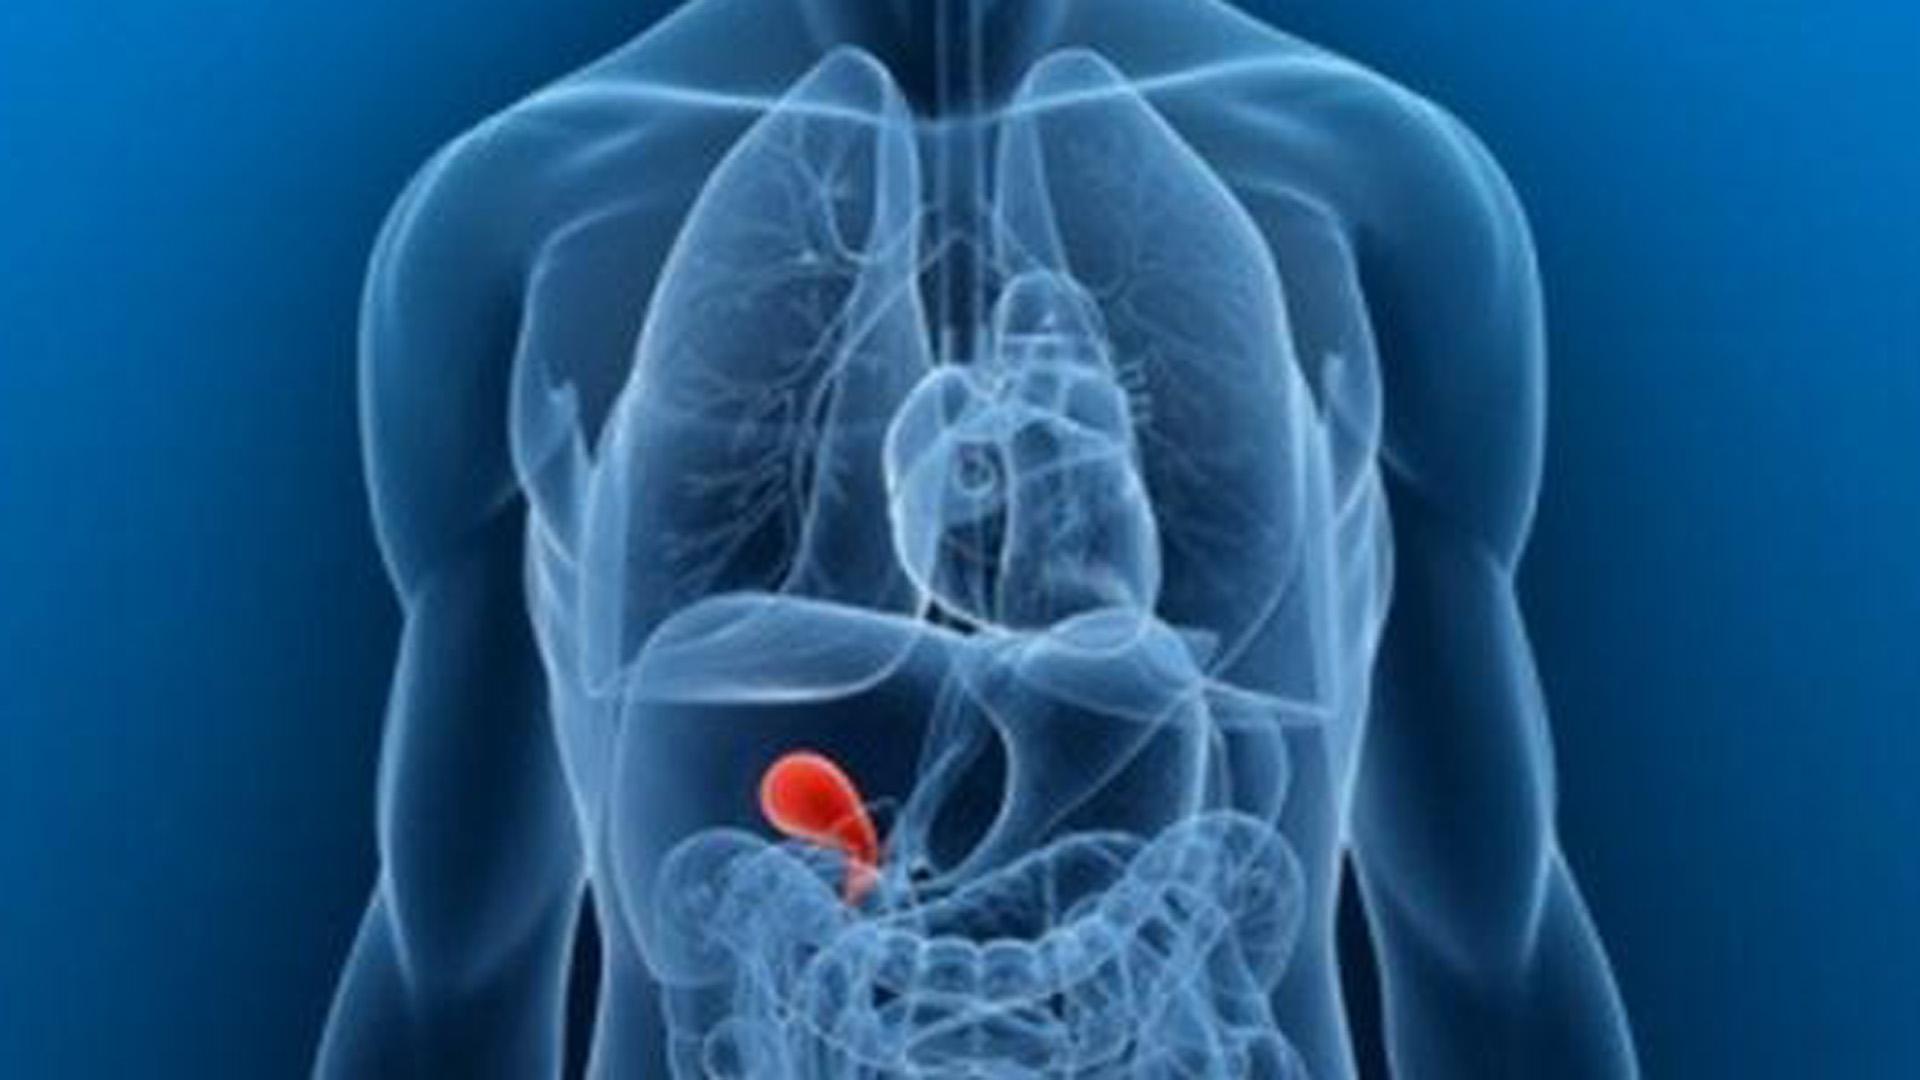 que funcion cumple la vesicula biliar en el cuerpo humano